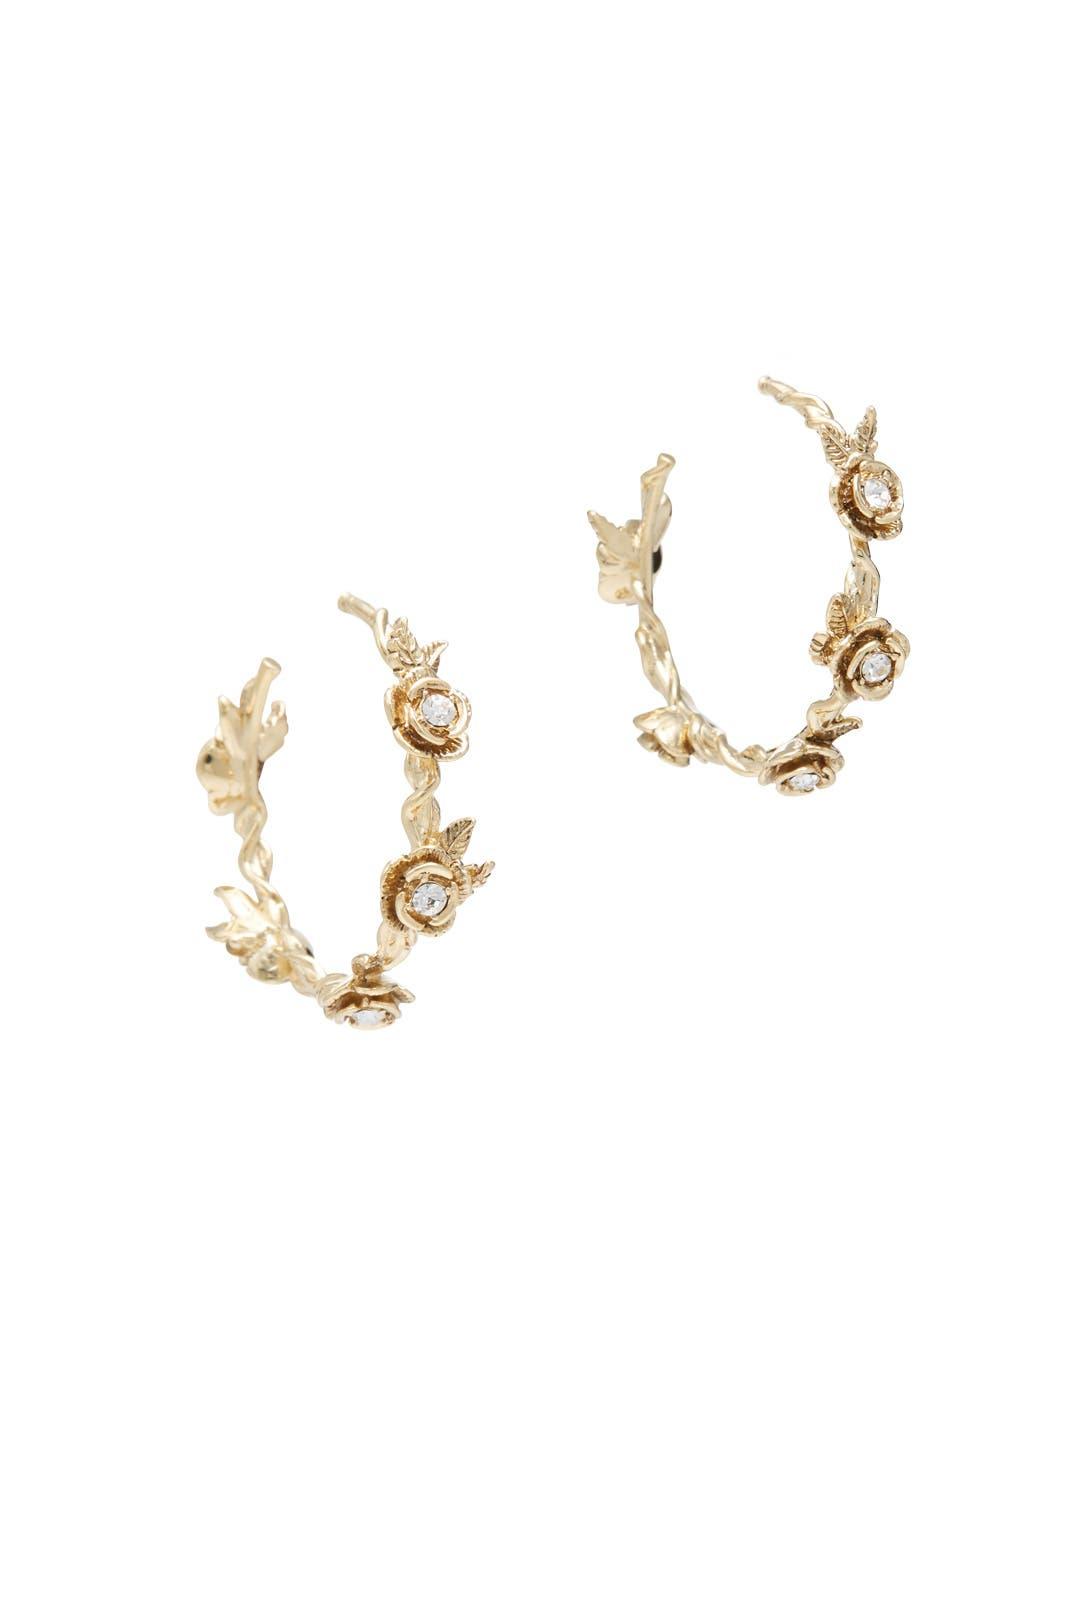 Boucles D'oreilles Florales Pendentif Goutte - Marchesa Blanc kaHuJjzf